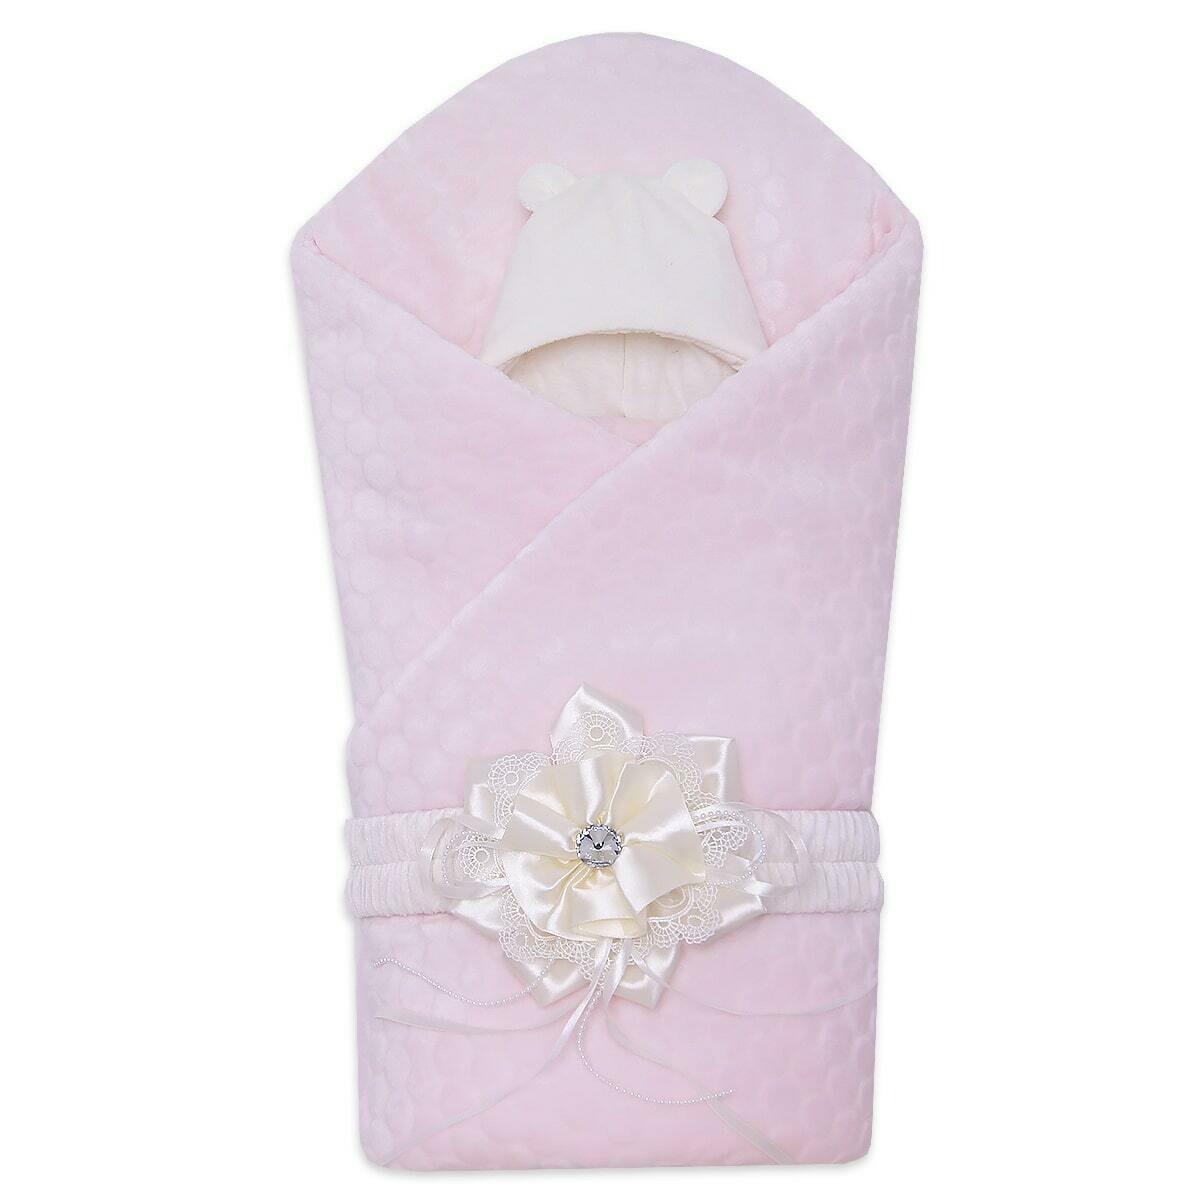 Комлект на выписку SYURPRIZ, демисезон, розовый